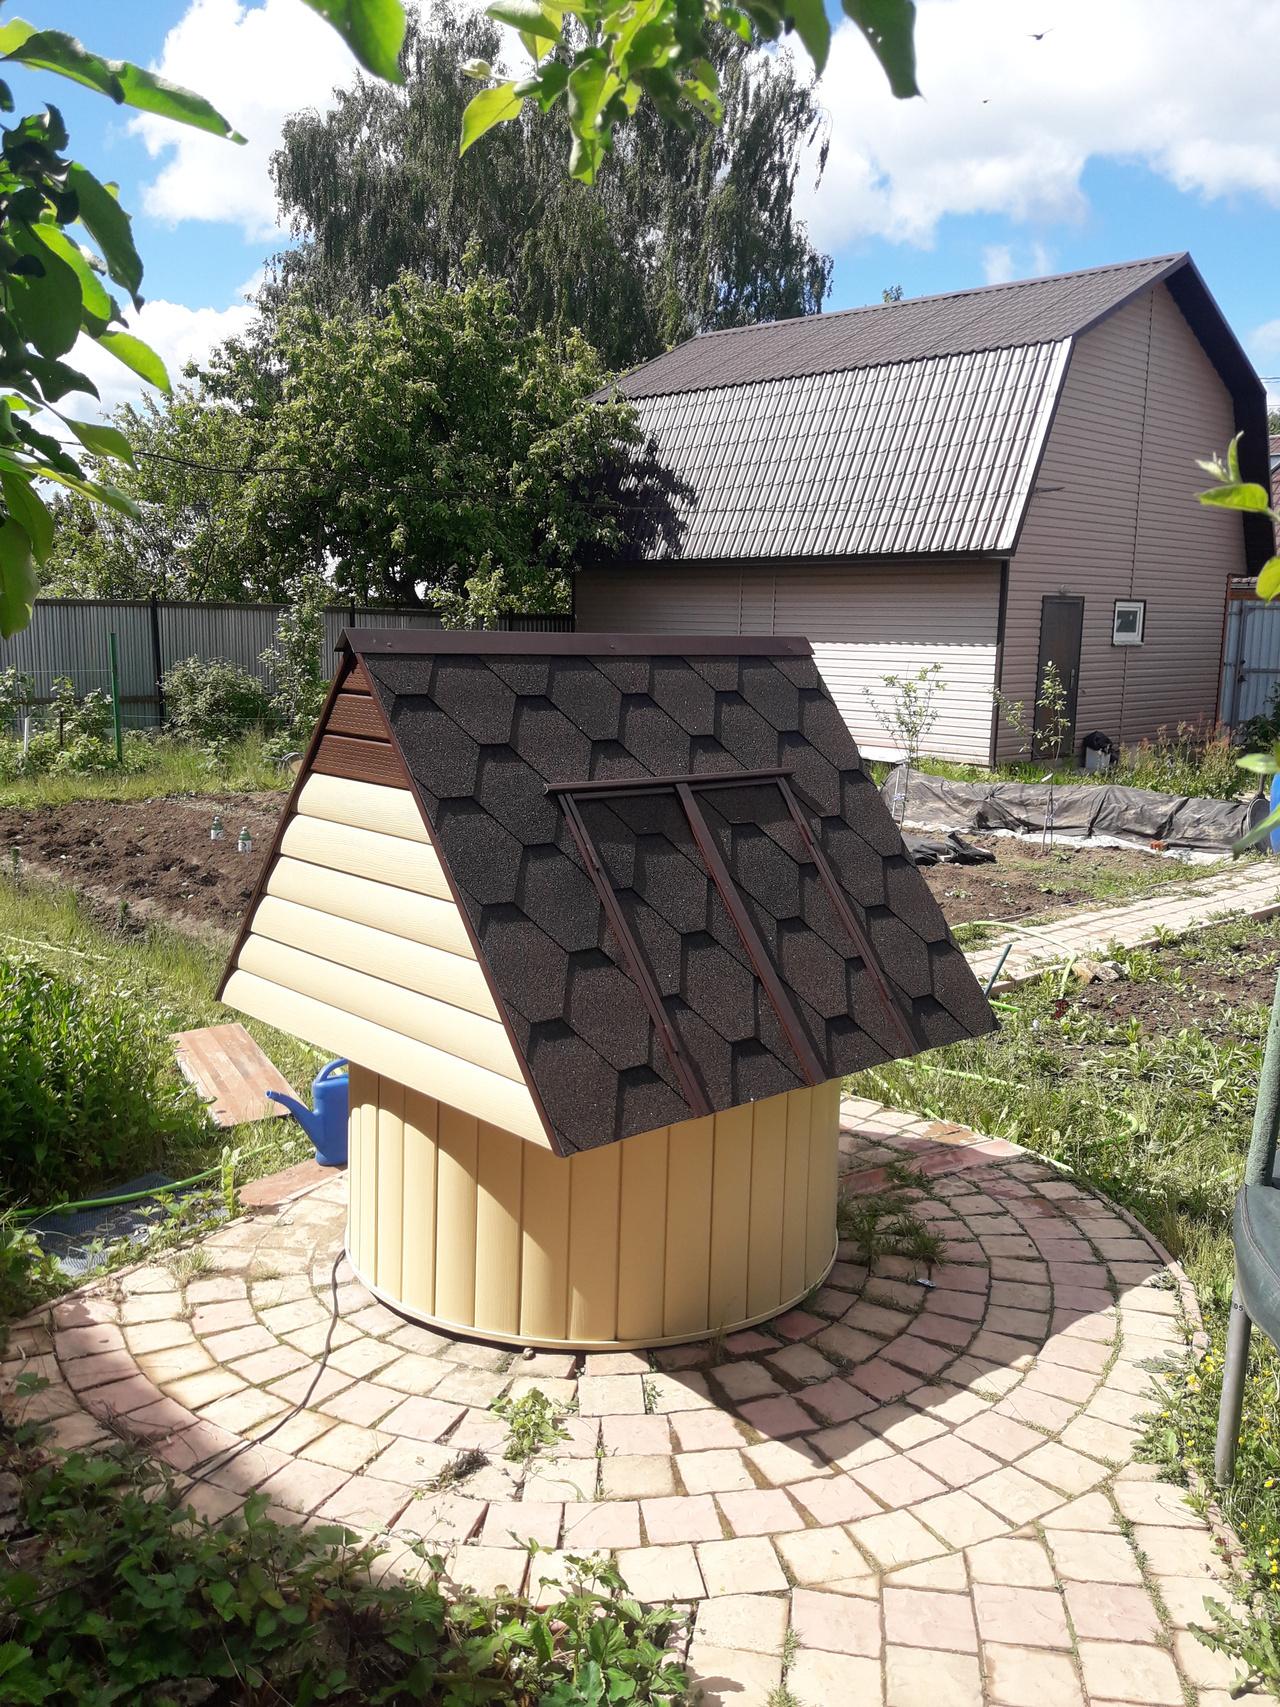 Колодцы на даче и их отделка снаружи: как красиво облагородить и обустроить, оформление, дизайн, фото